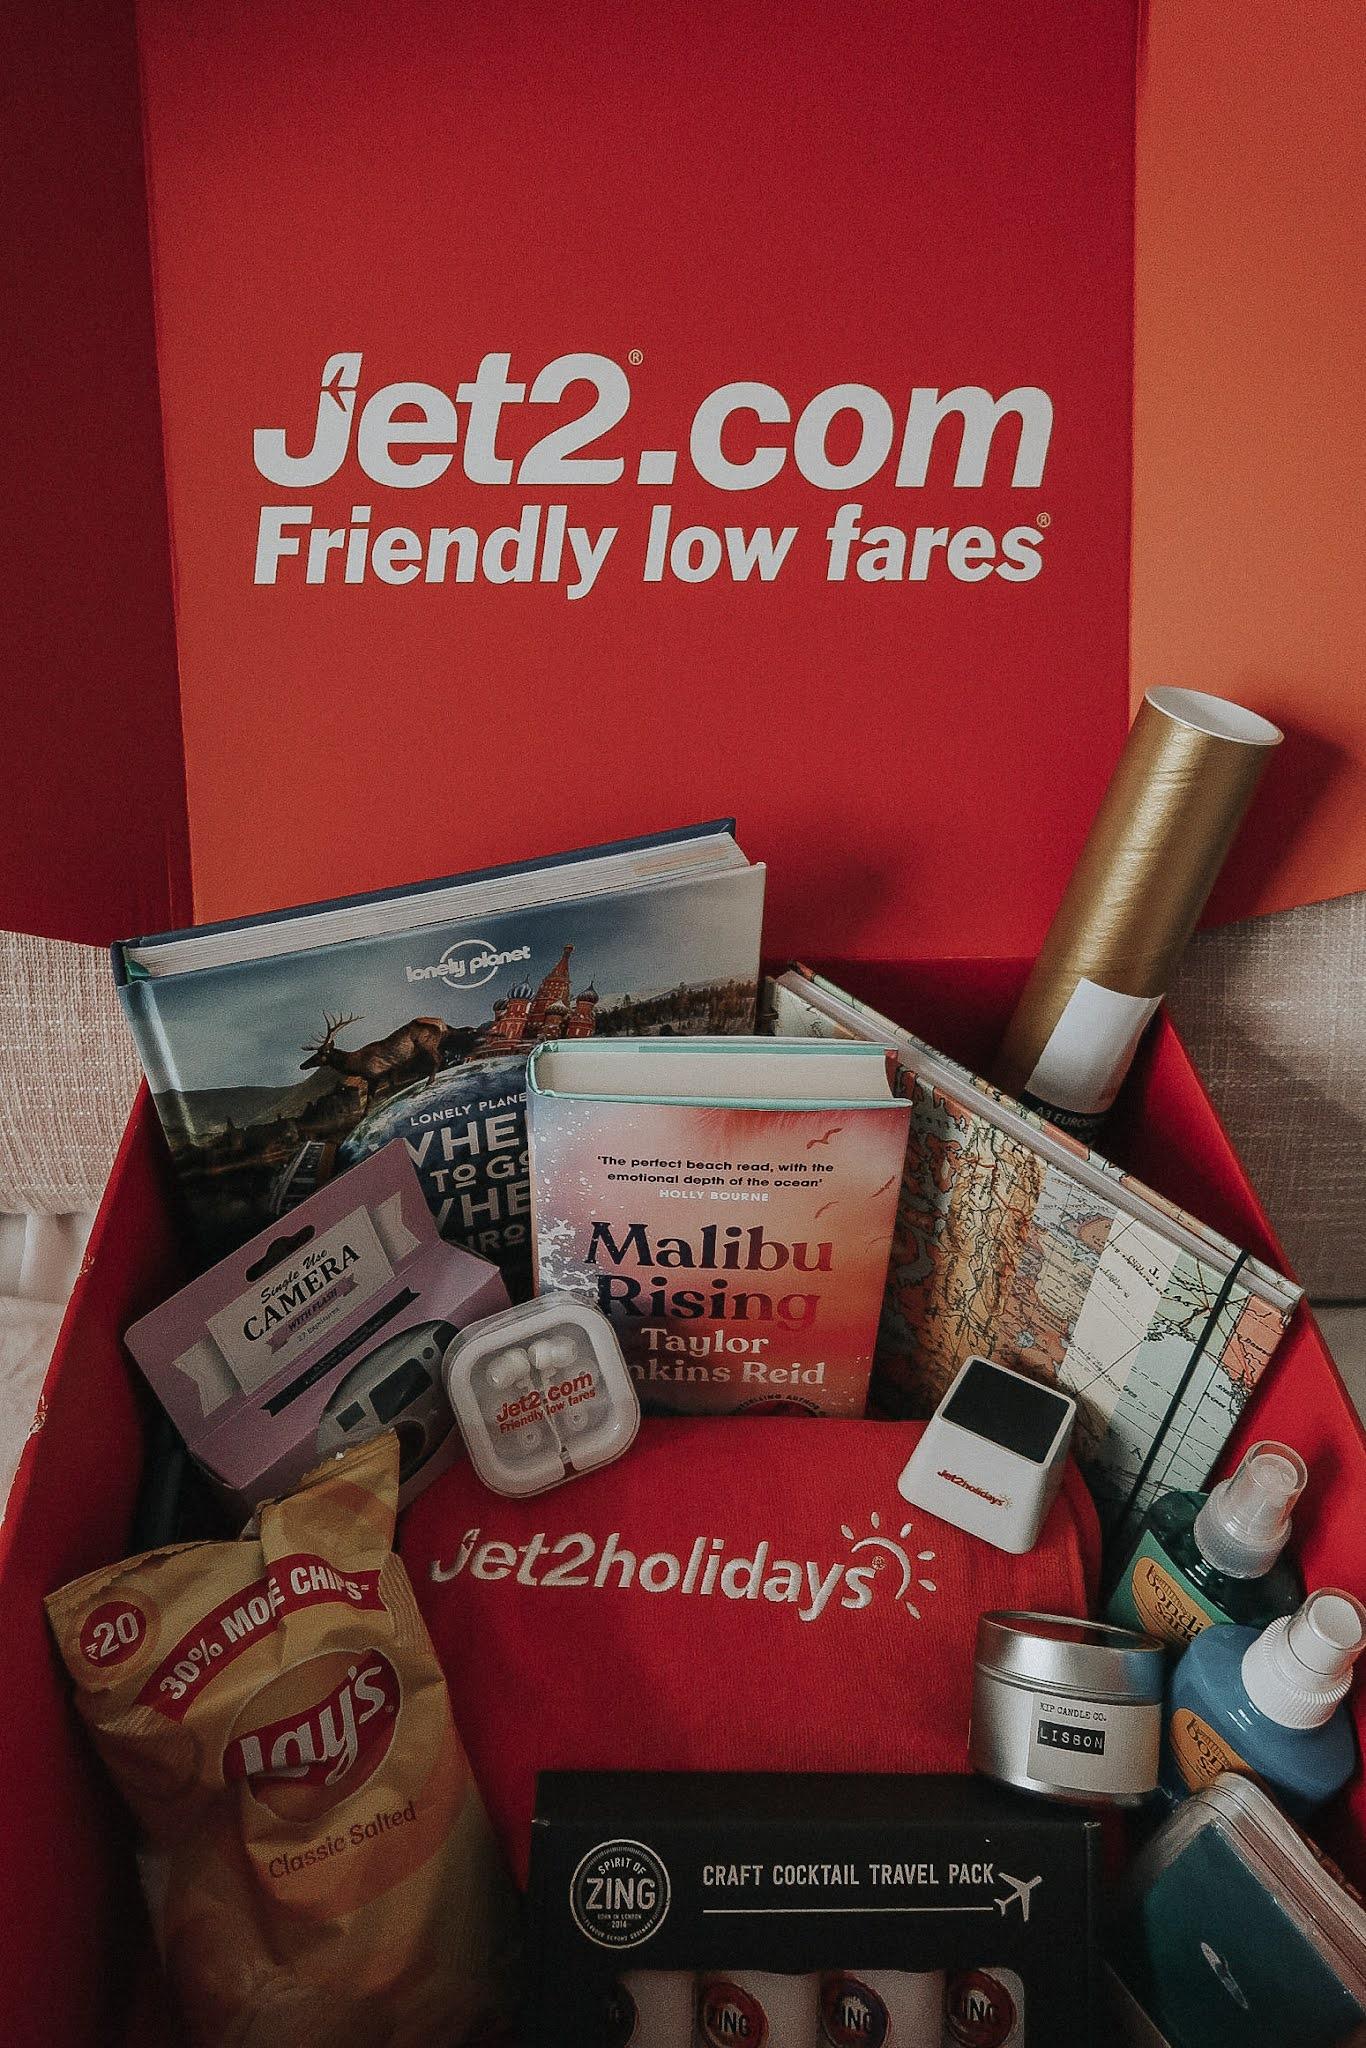 A red Jet2.com box of travel essentials